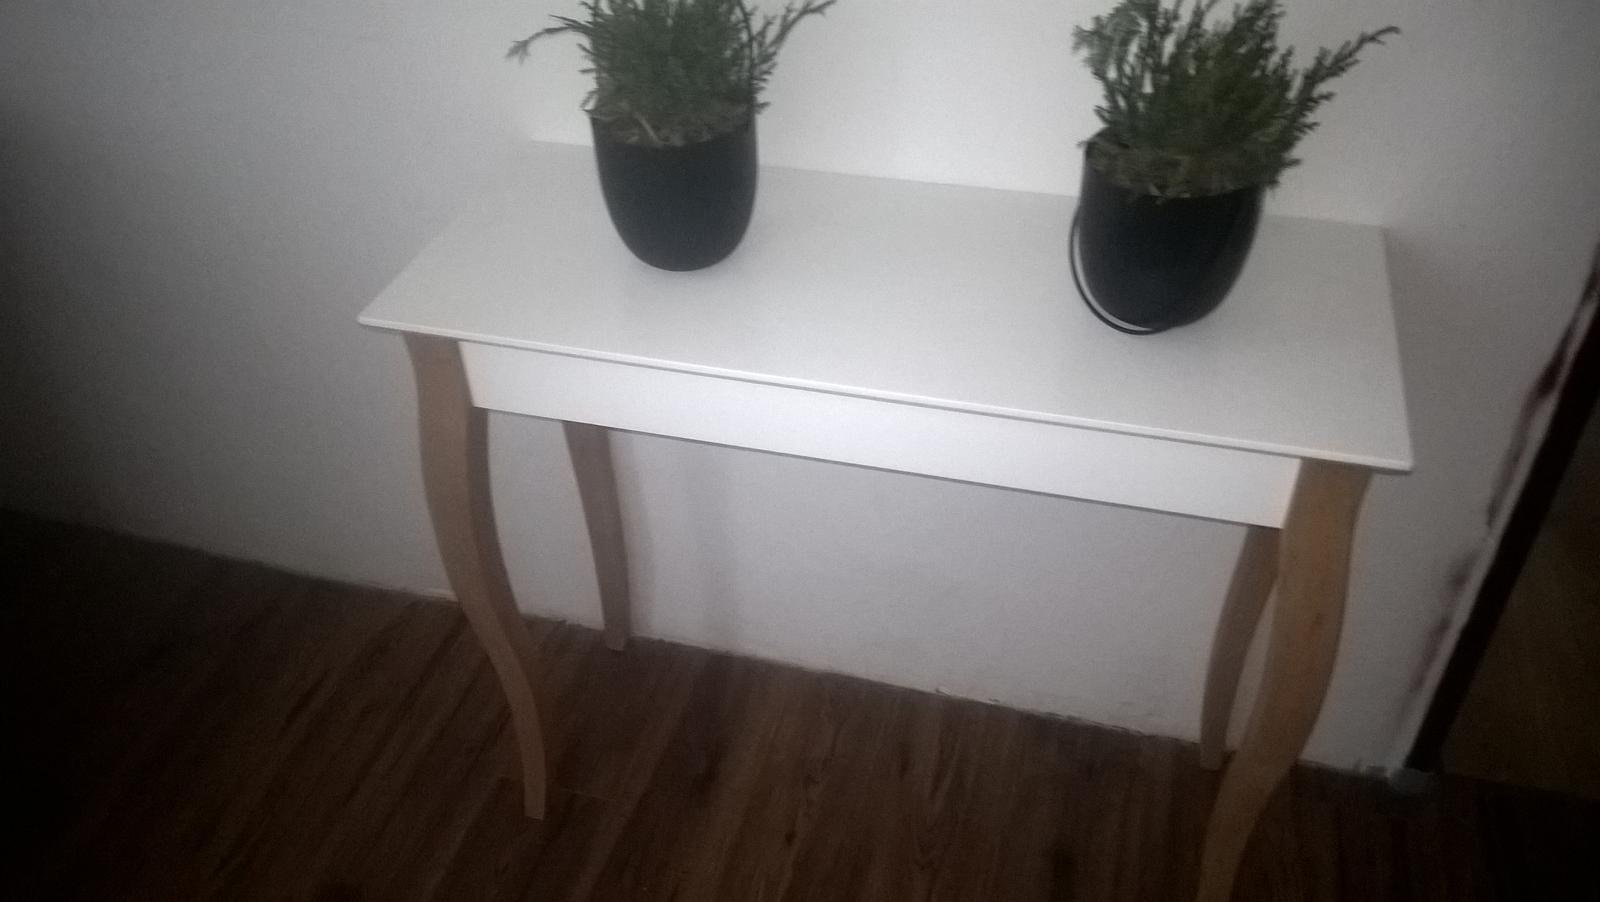 konzolový stolík - Obrázok č. 1